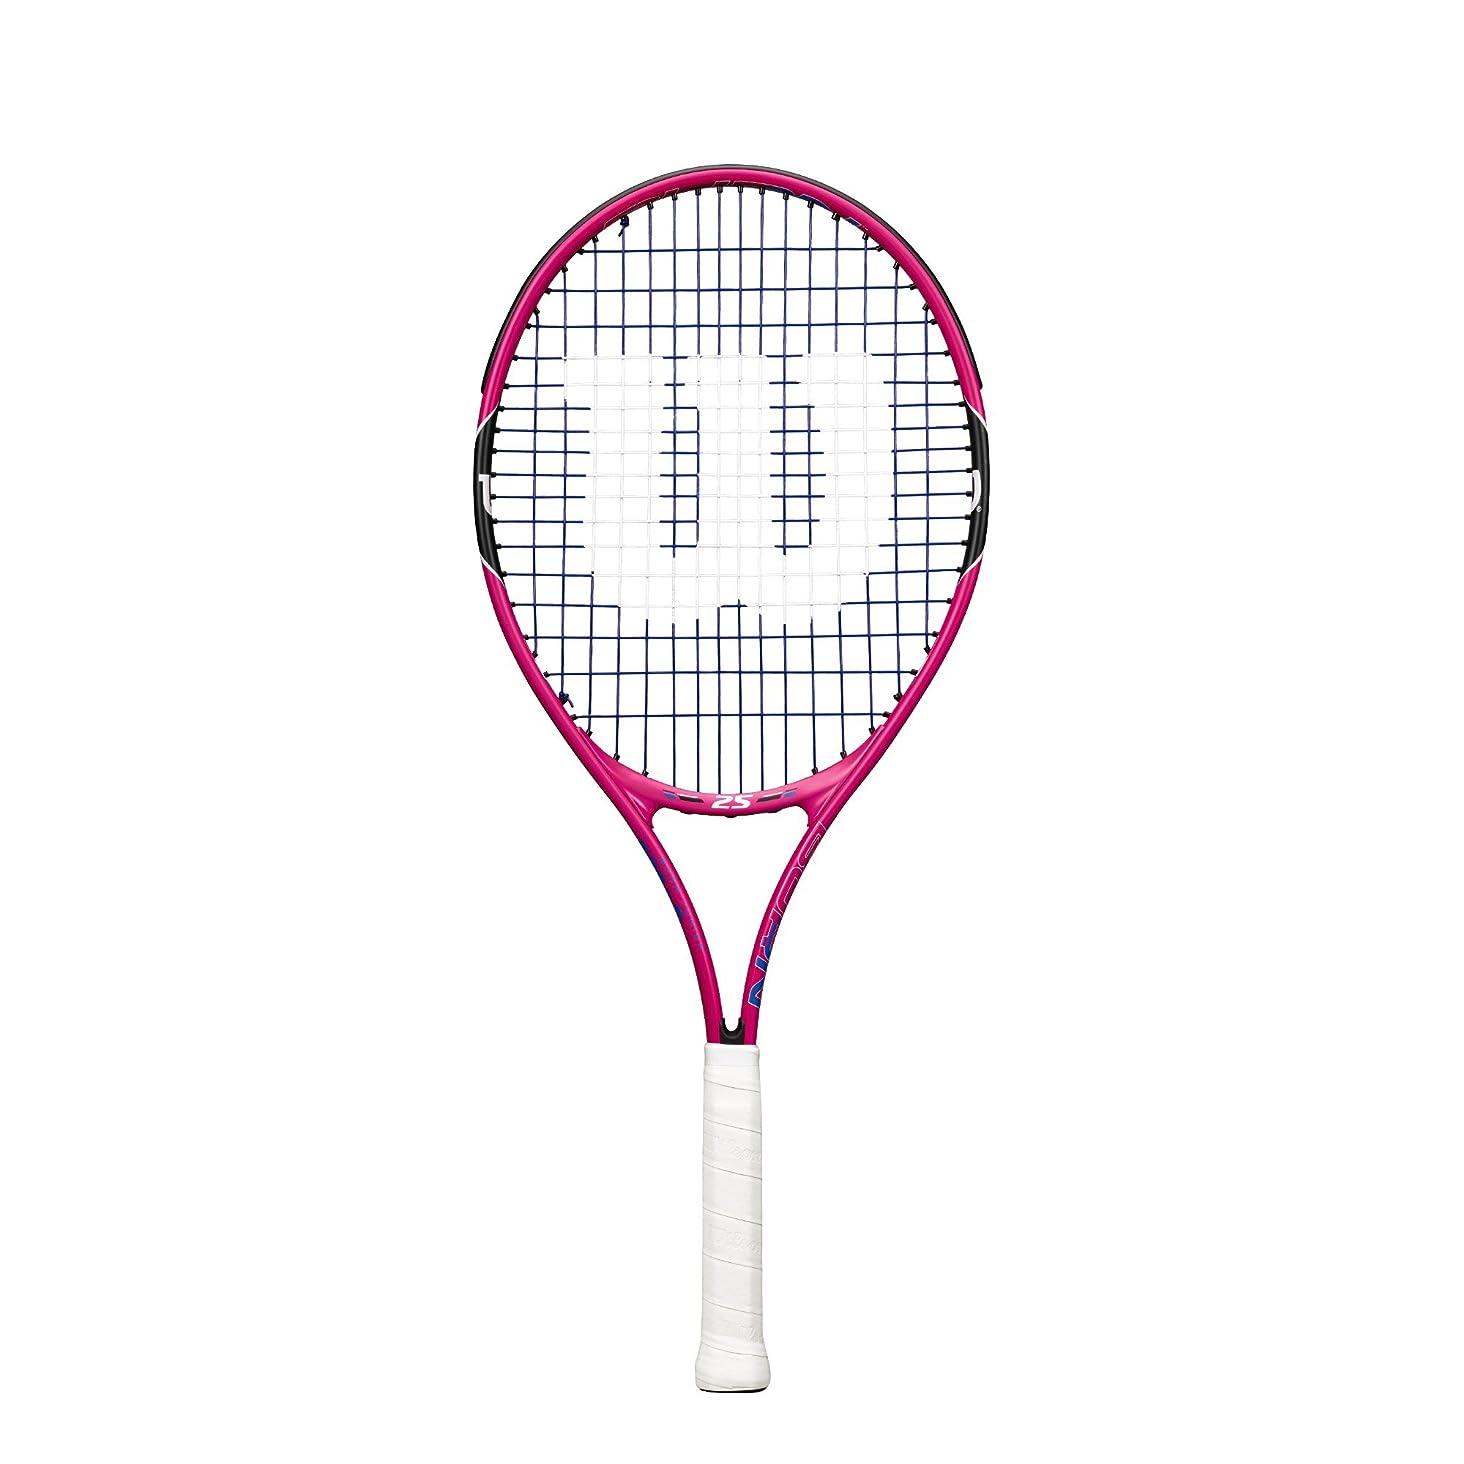 ミキサー肉の祈るWilson(ウイルソン) キッズ ジュニア テニスラケット BURN PINK (バーンピンク) 19 / 21 / 23 / 25  [ガット張り上げ済み]